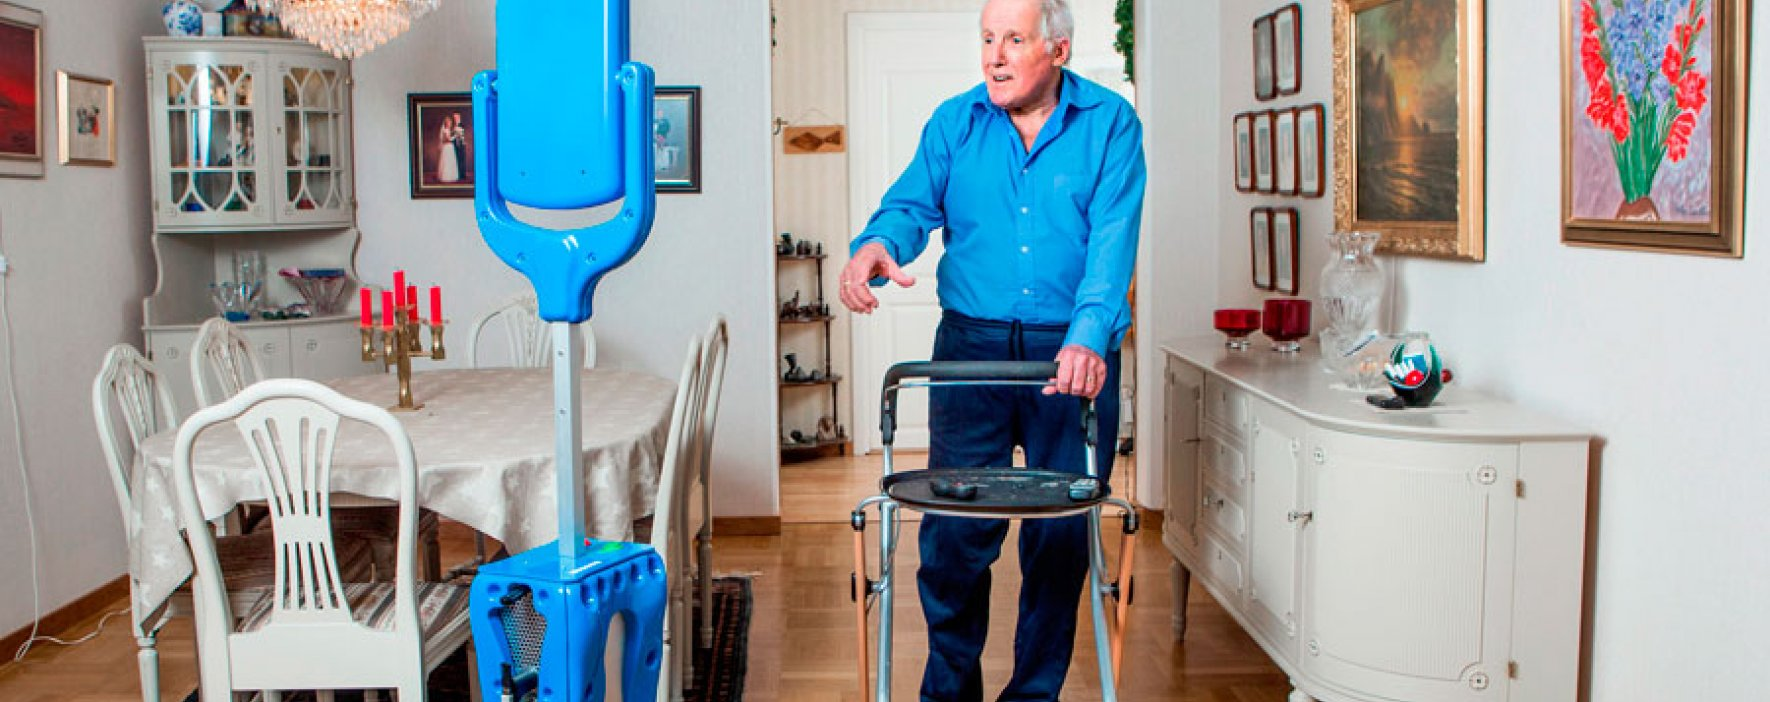 GiraffPlus, la nueva alternativa que ofrece teleasistencia a personas mayores